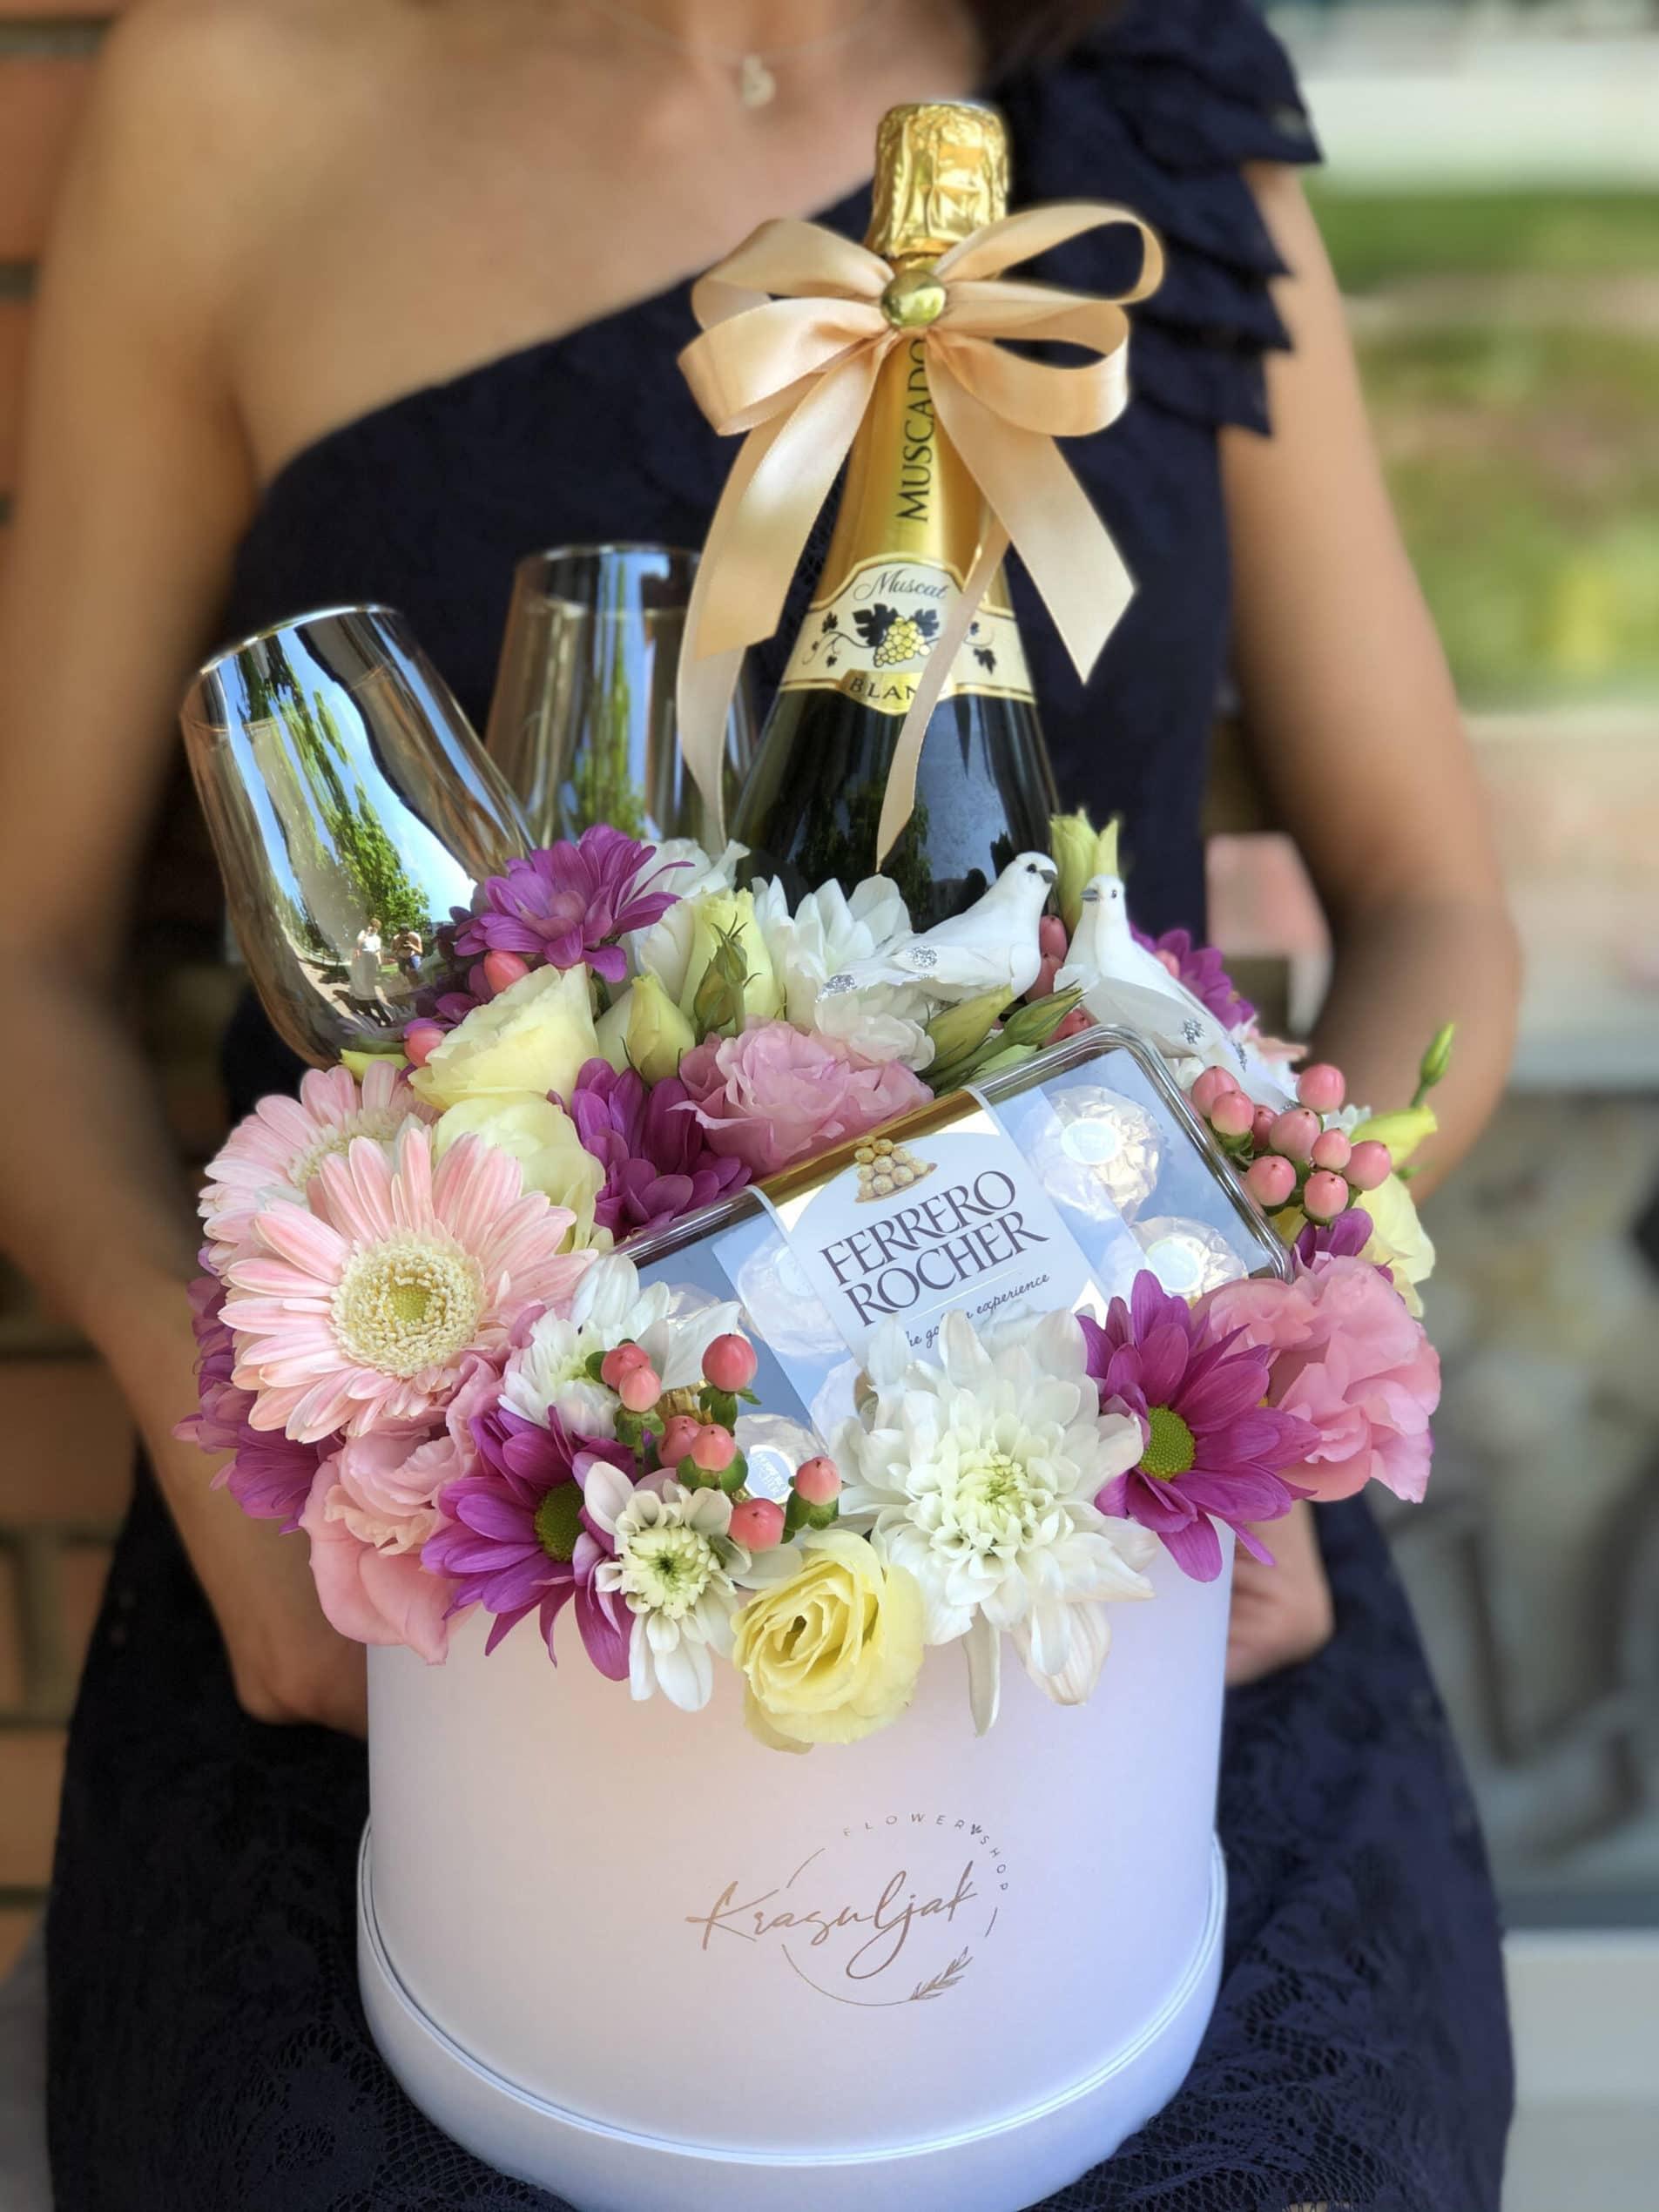 Cveće - kutija sa šarenim cvecem, šampanjcem i čokoladicama